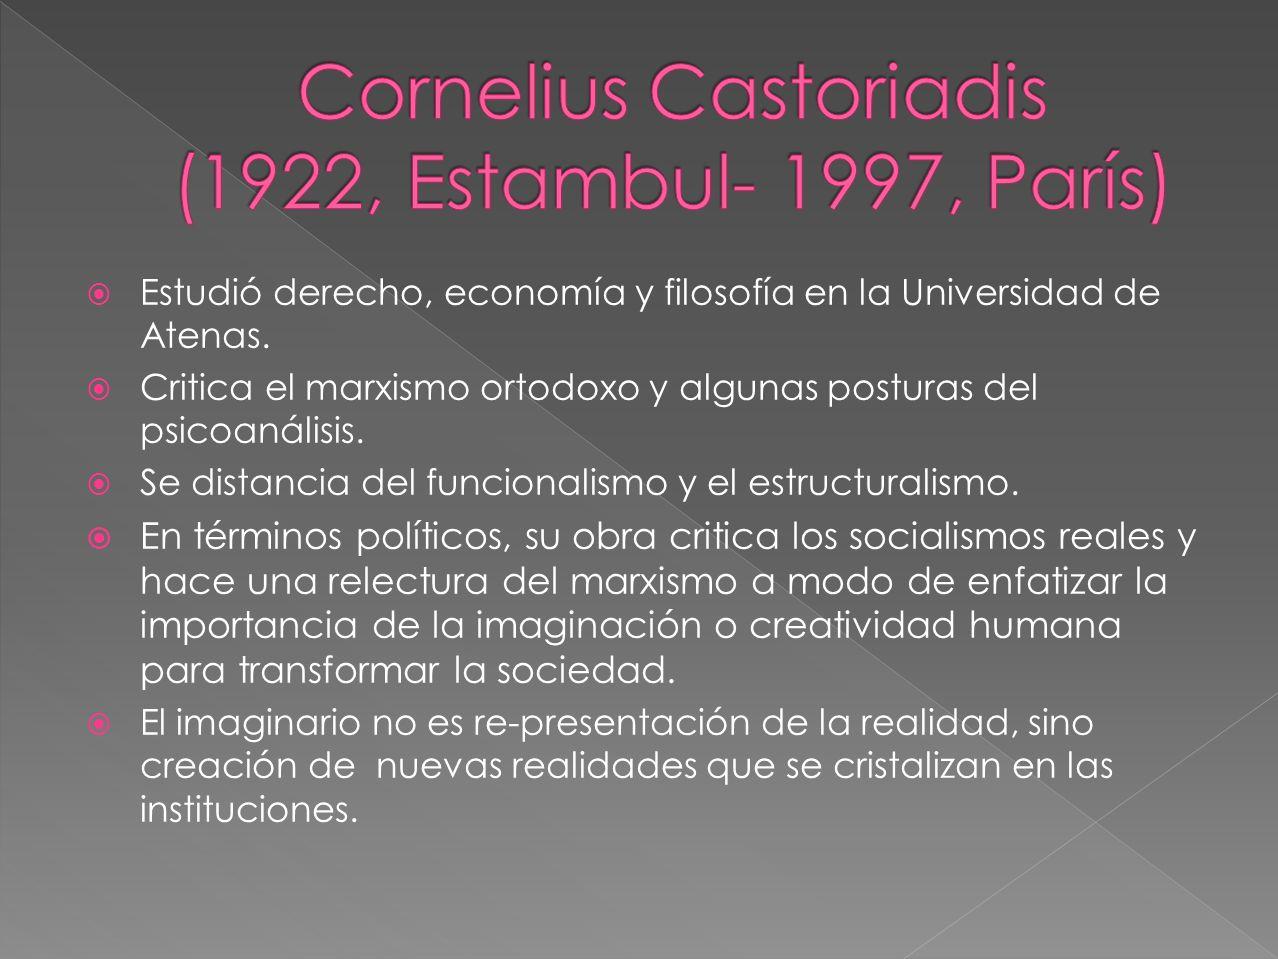 Cornelius Castoriadis (1922, Estambul- 1997, París)